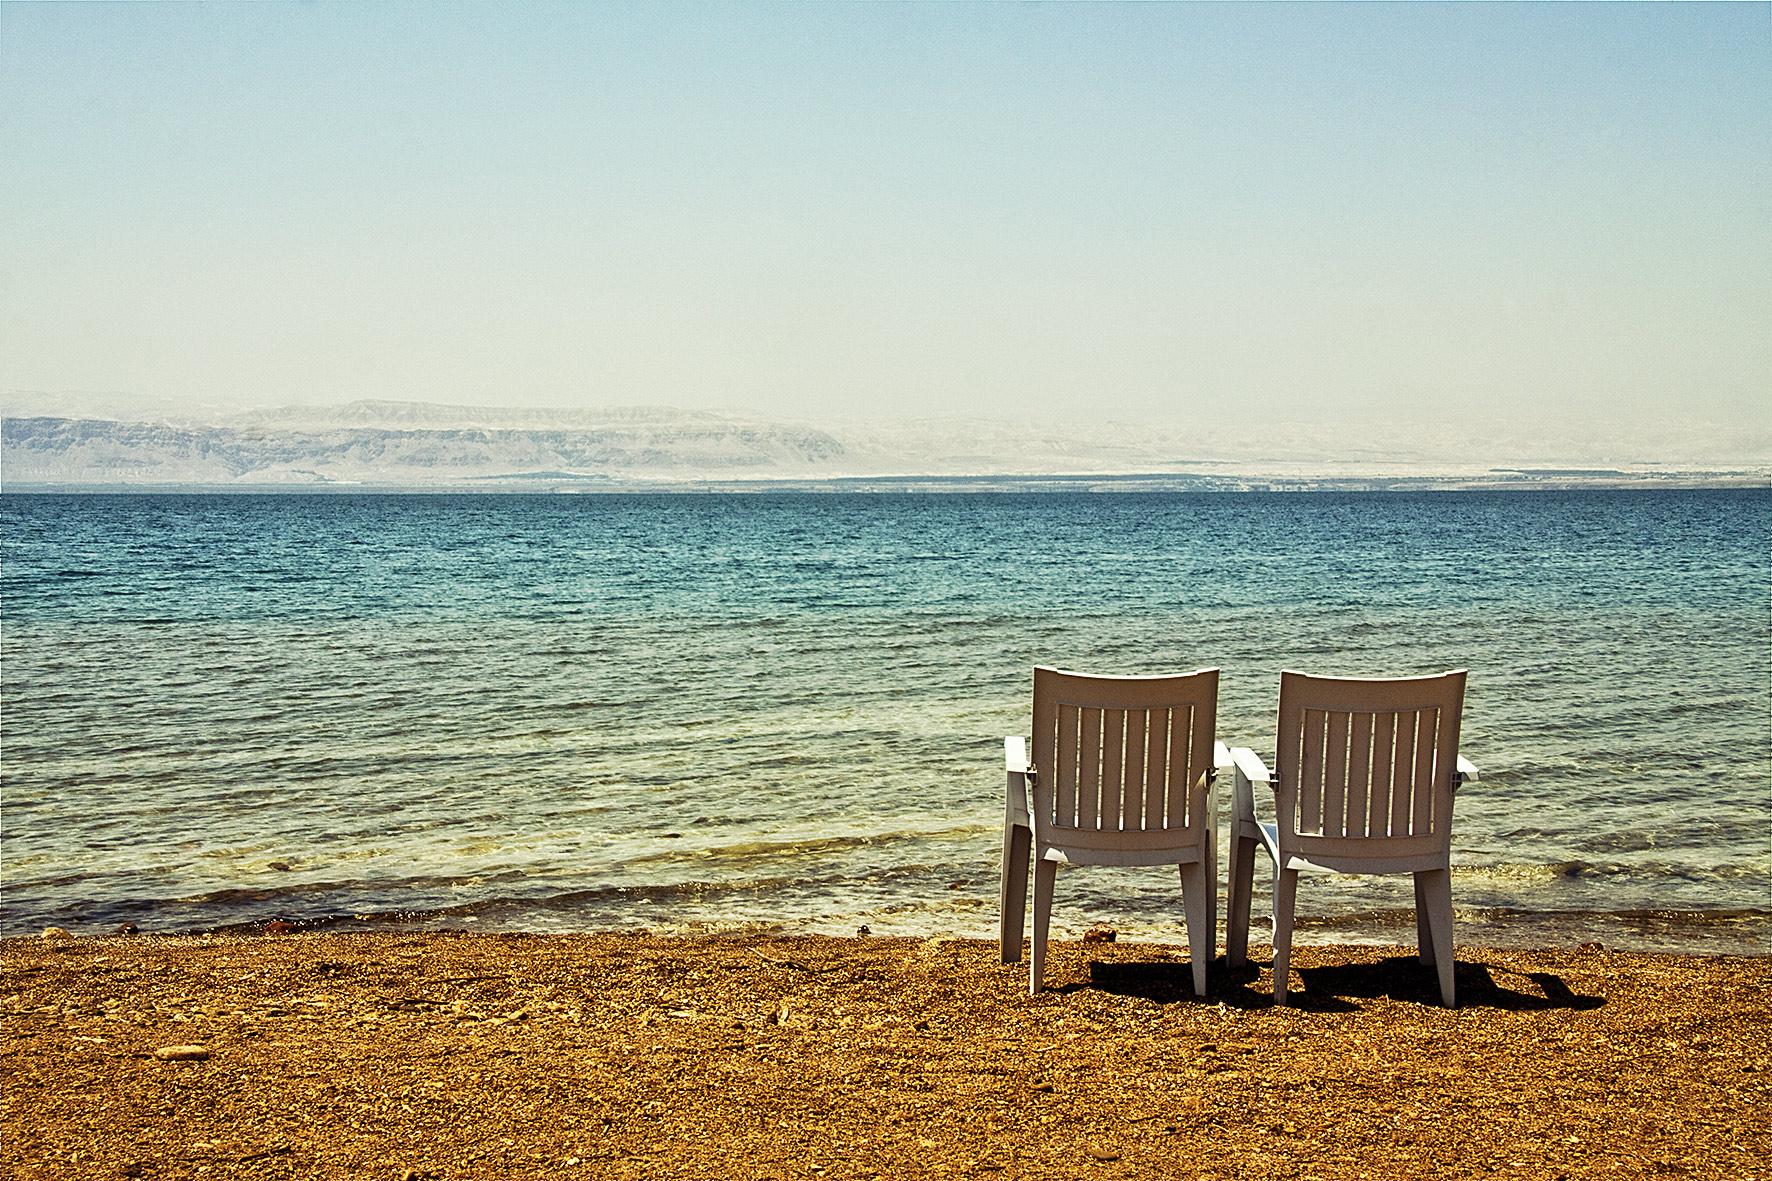 Jordanie, la mer morte. 2010